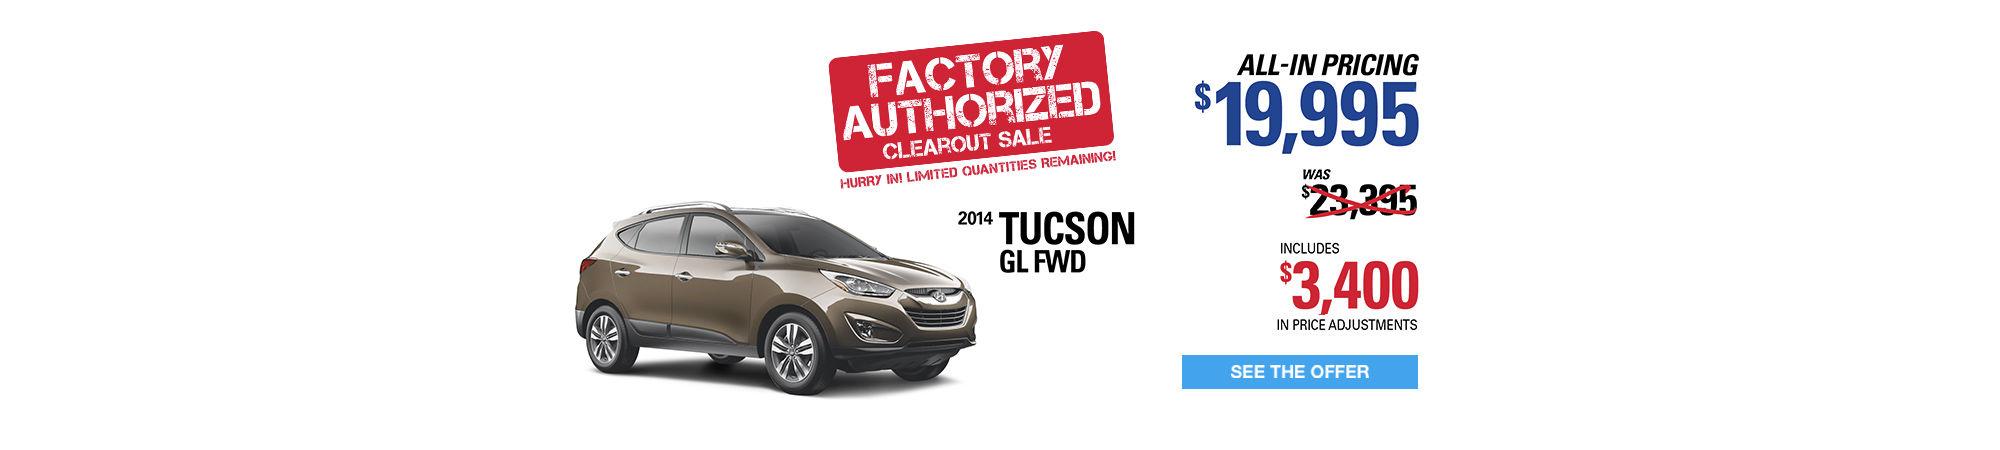 tucson - Authorized Factory